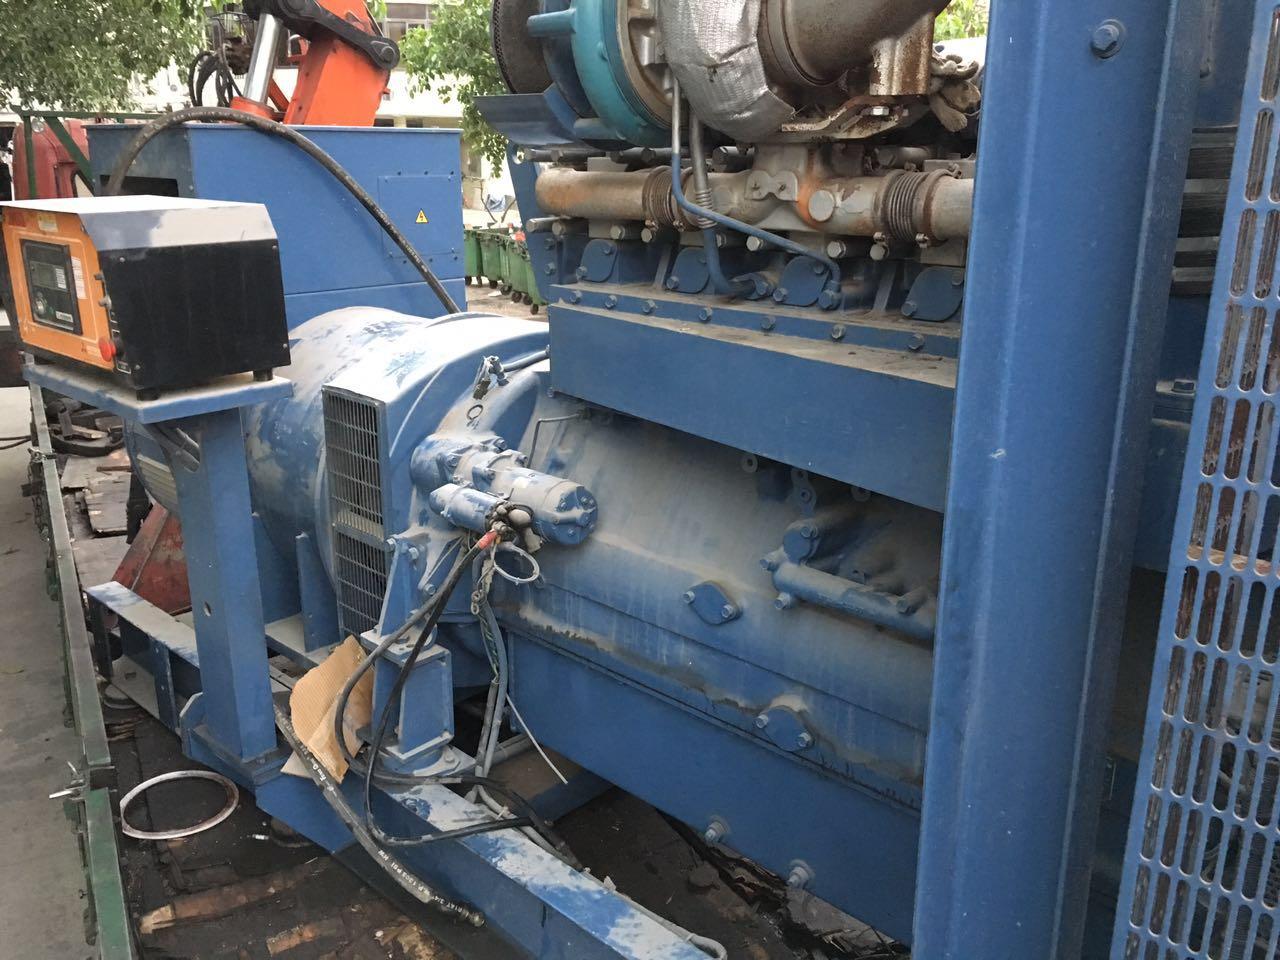 standby 704kw Mitsubishi second hand diesel generator 50Hz 380v